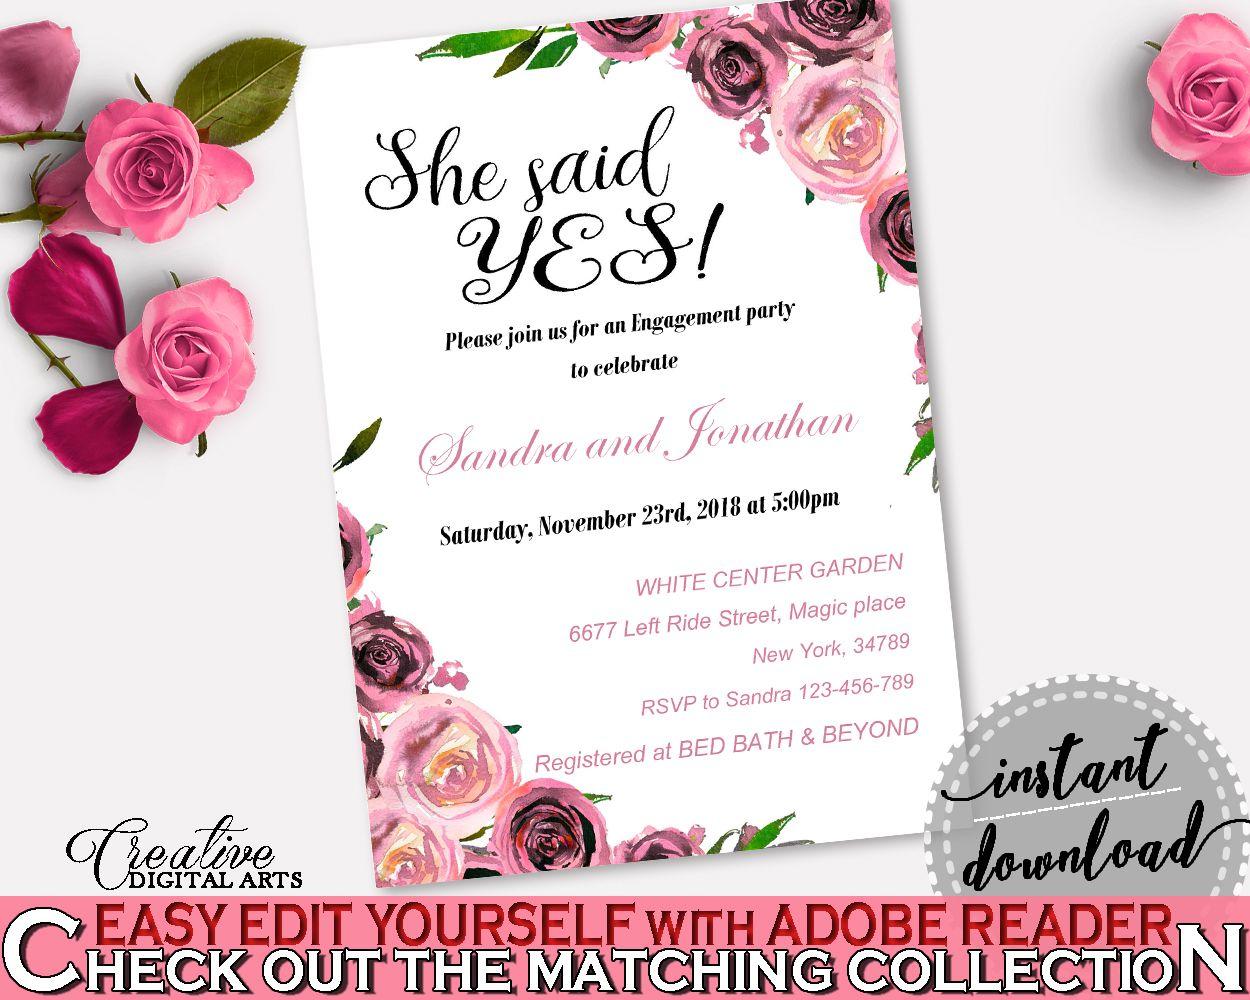 Invitation Template Bridal Shower Invitation Template Floral Bridal - Bridal party invitations templates